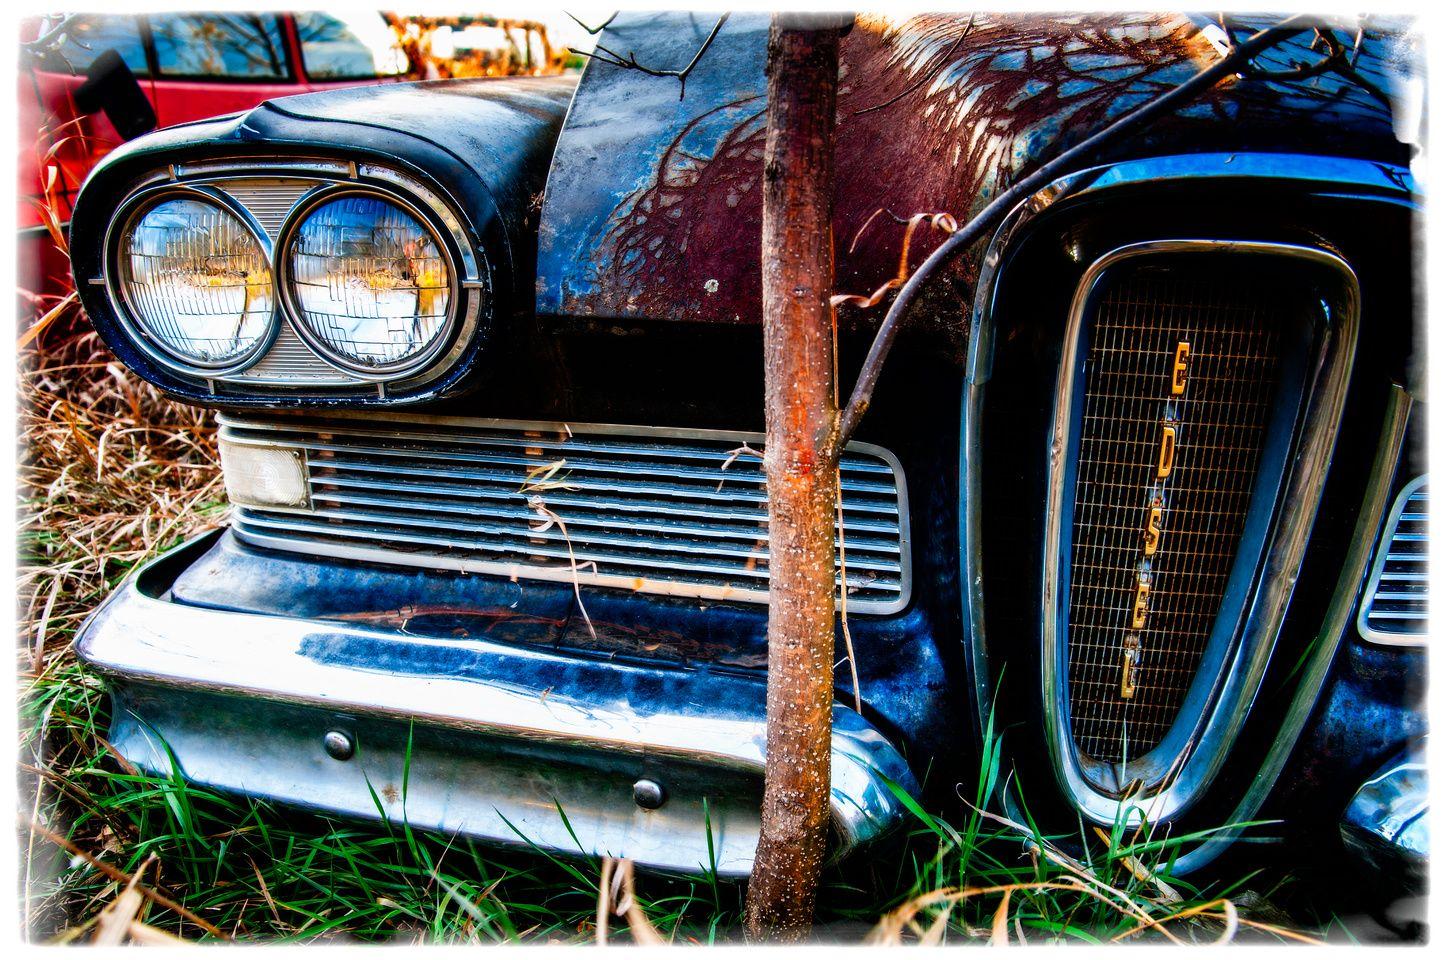 Wrecked Edsel  #unstarvingartist #originalphotography